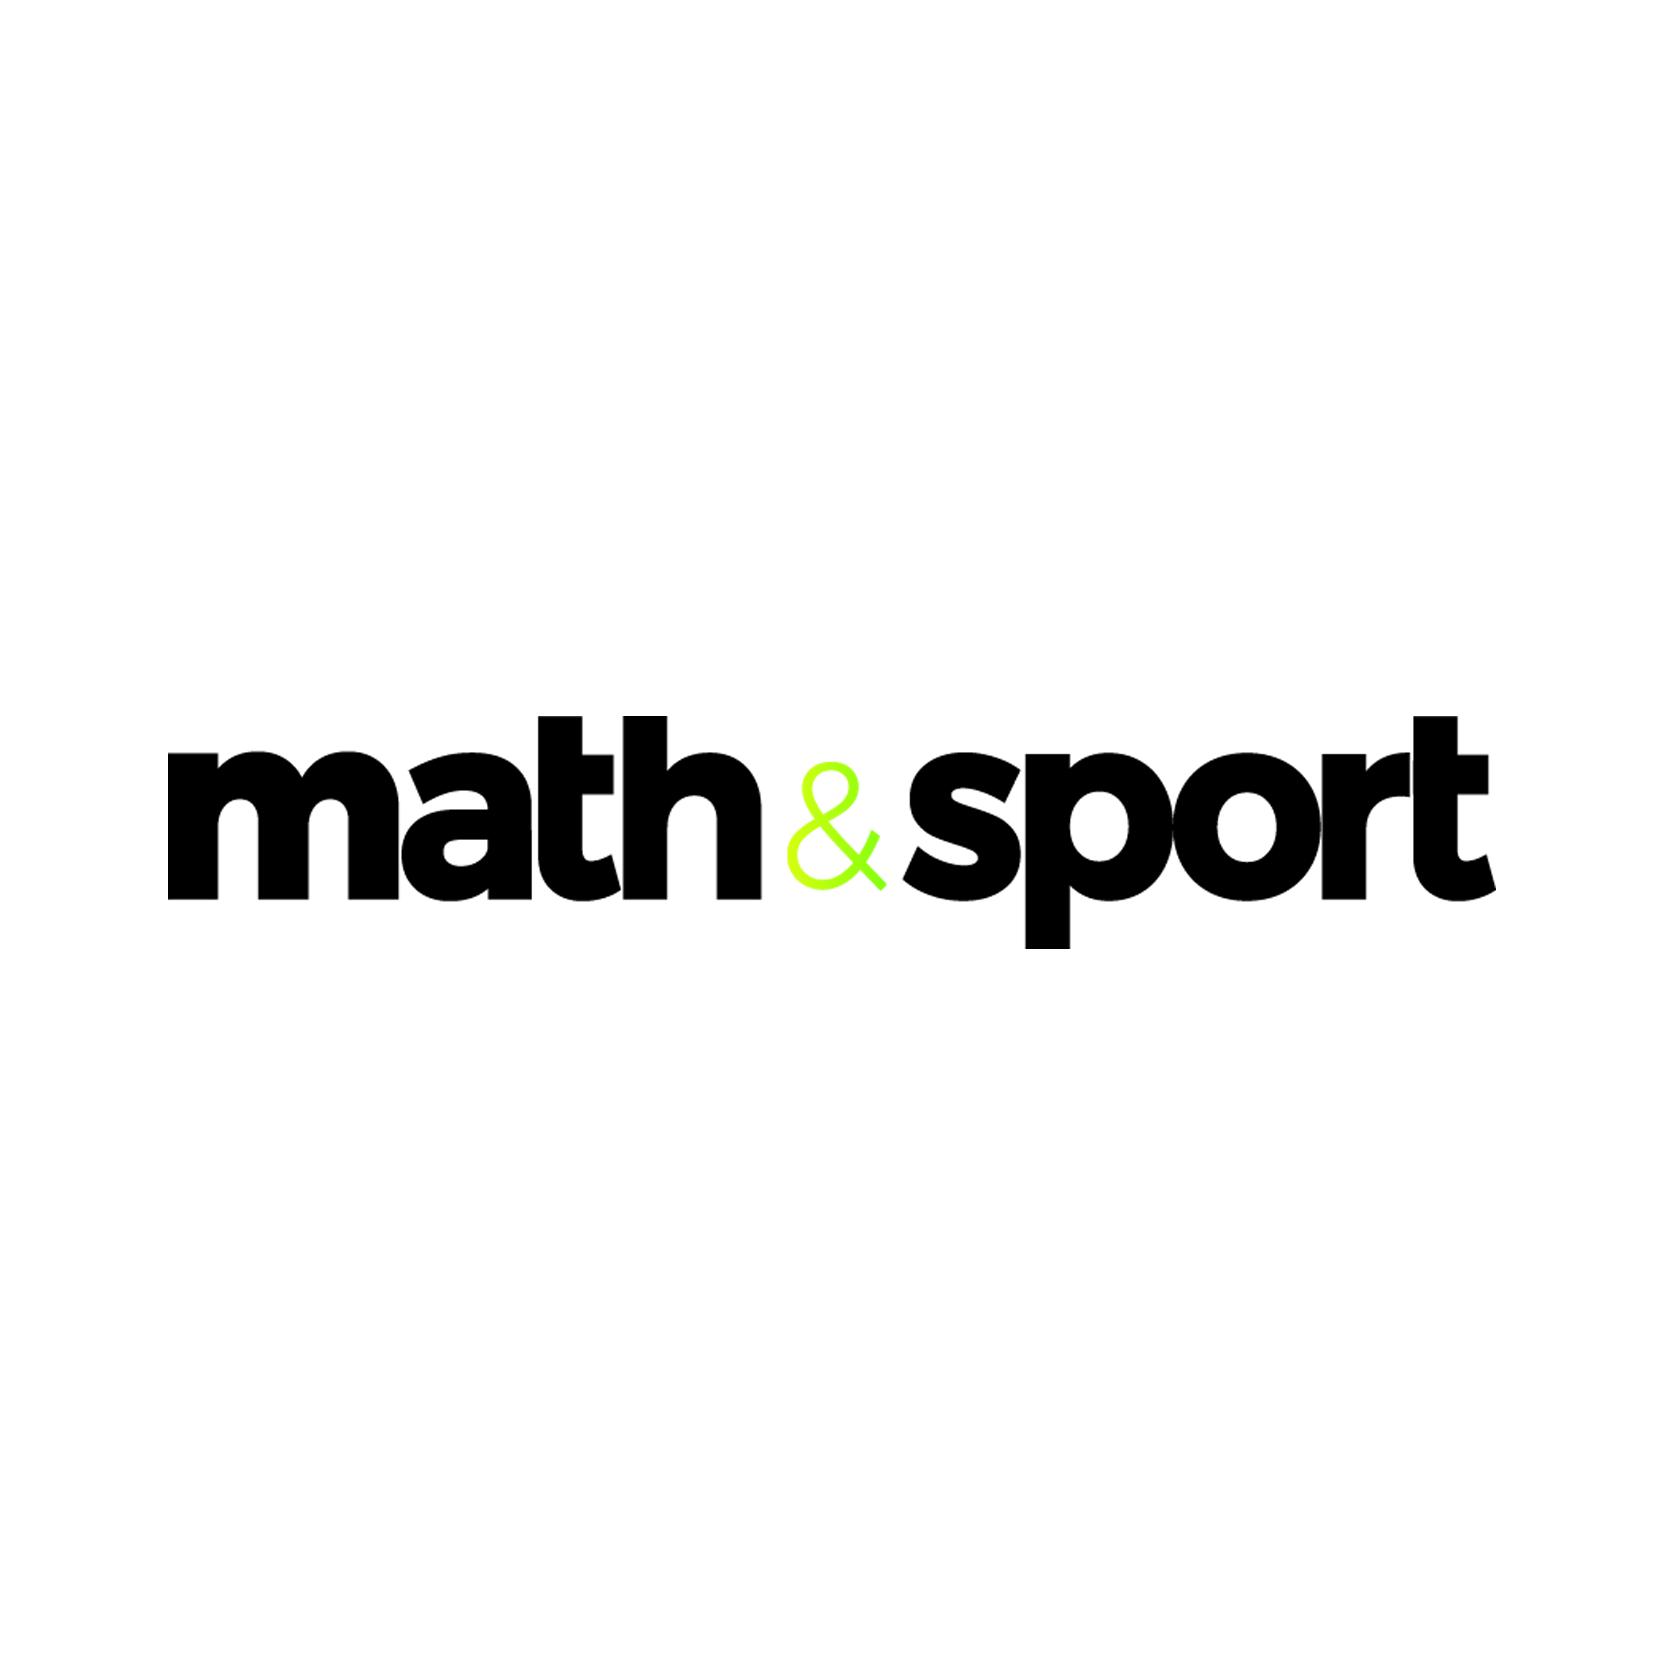 Matematica e Data Science per lo sport - MathandSport